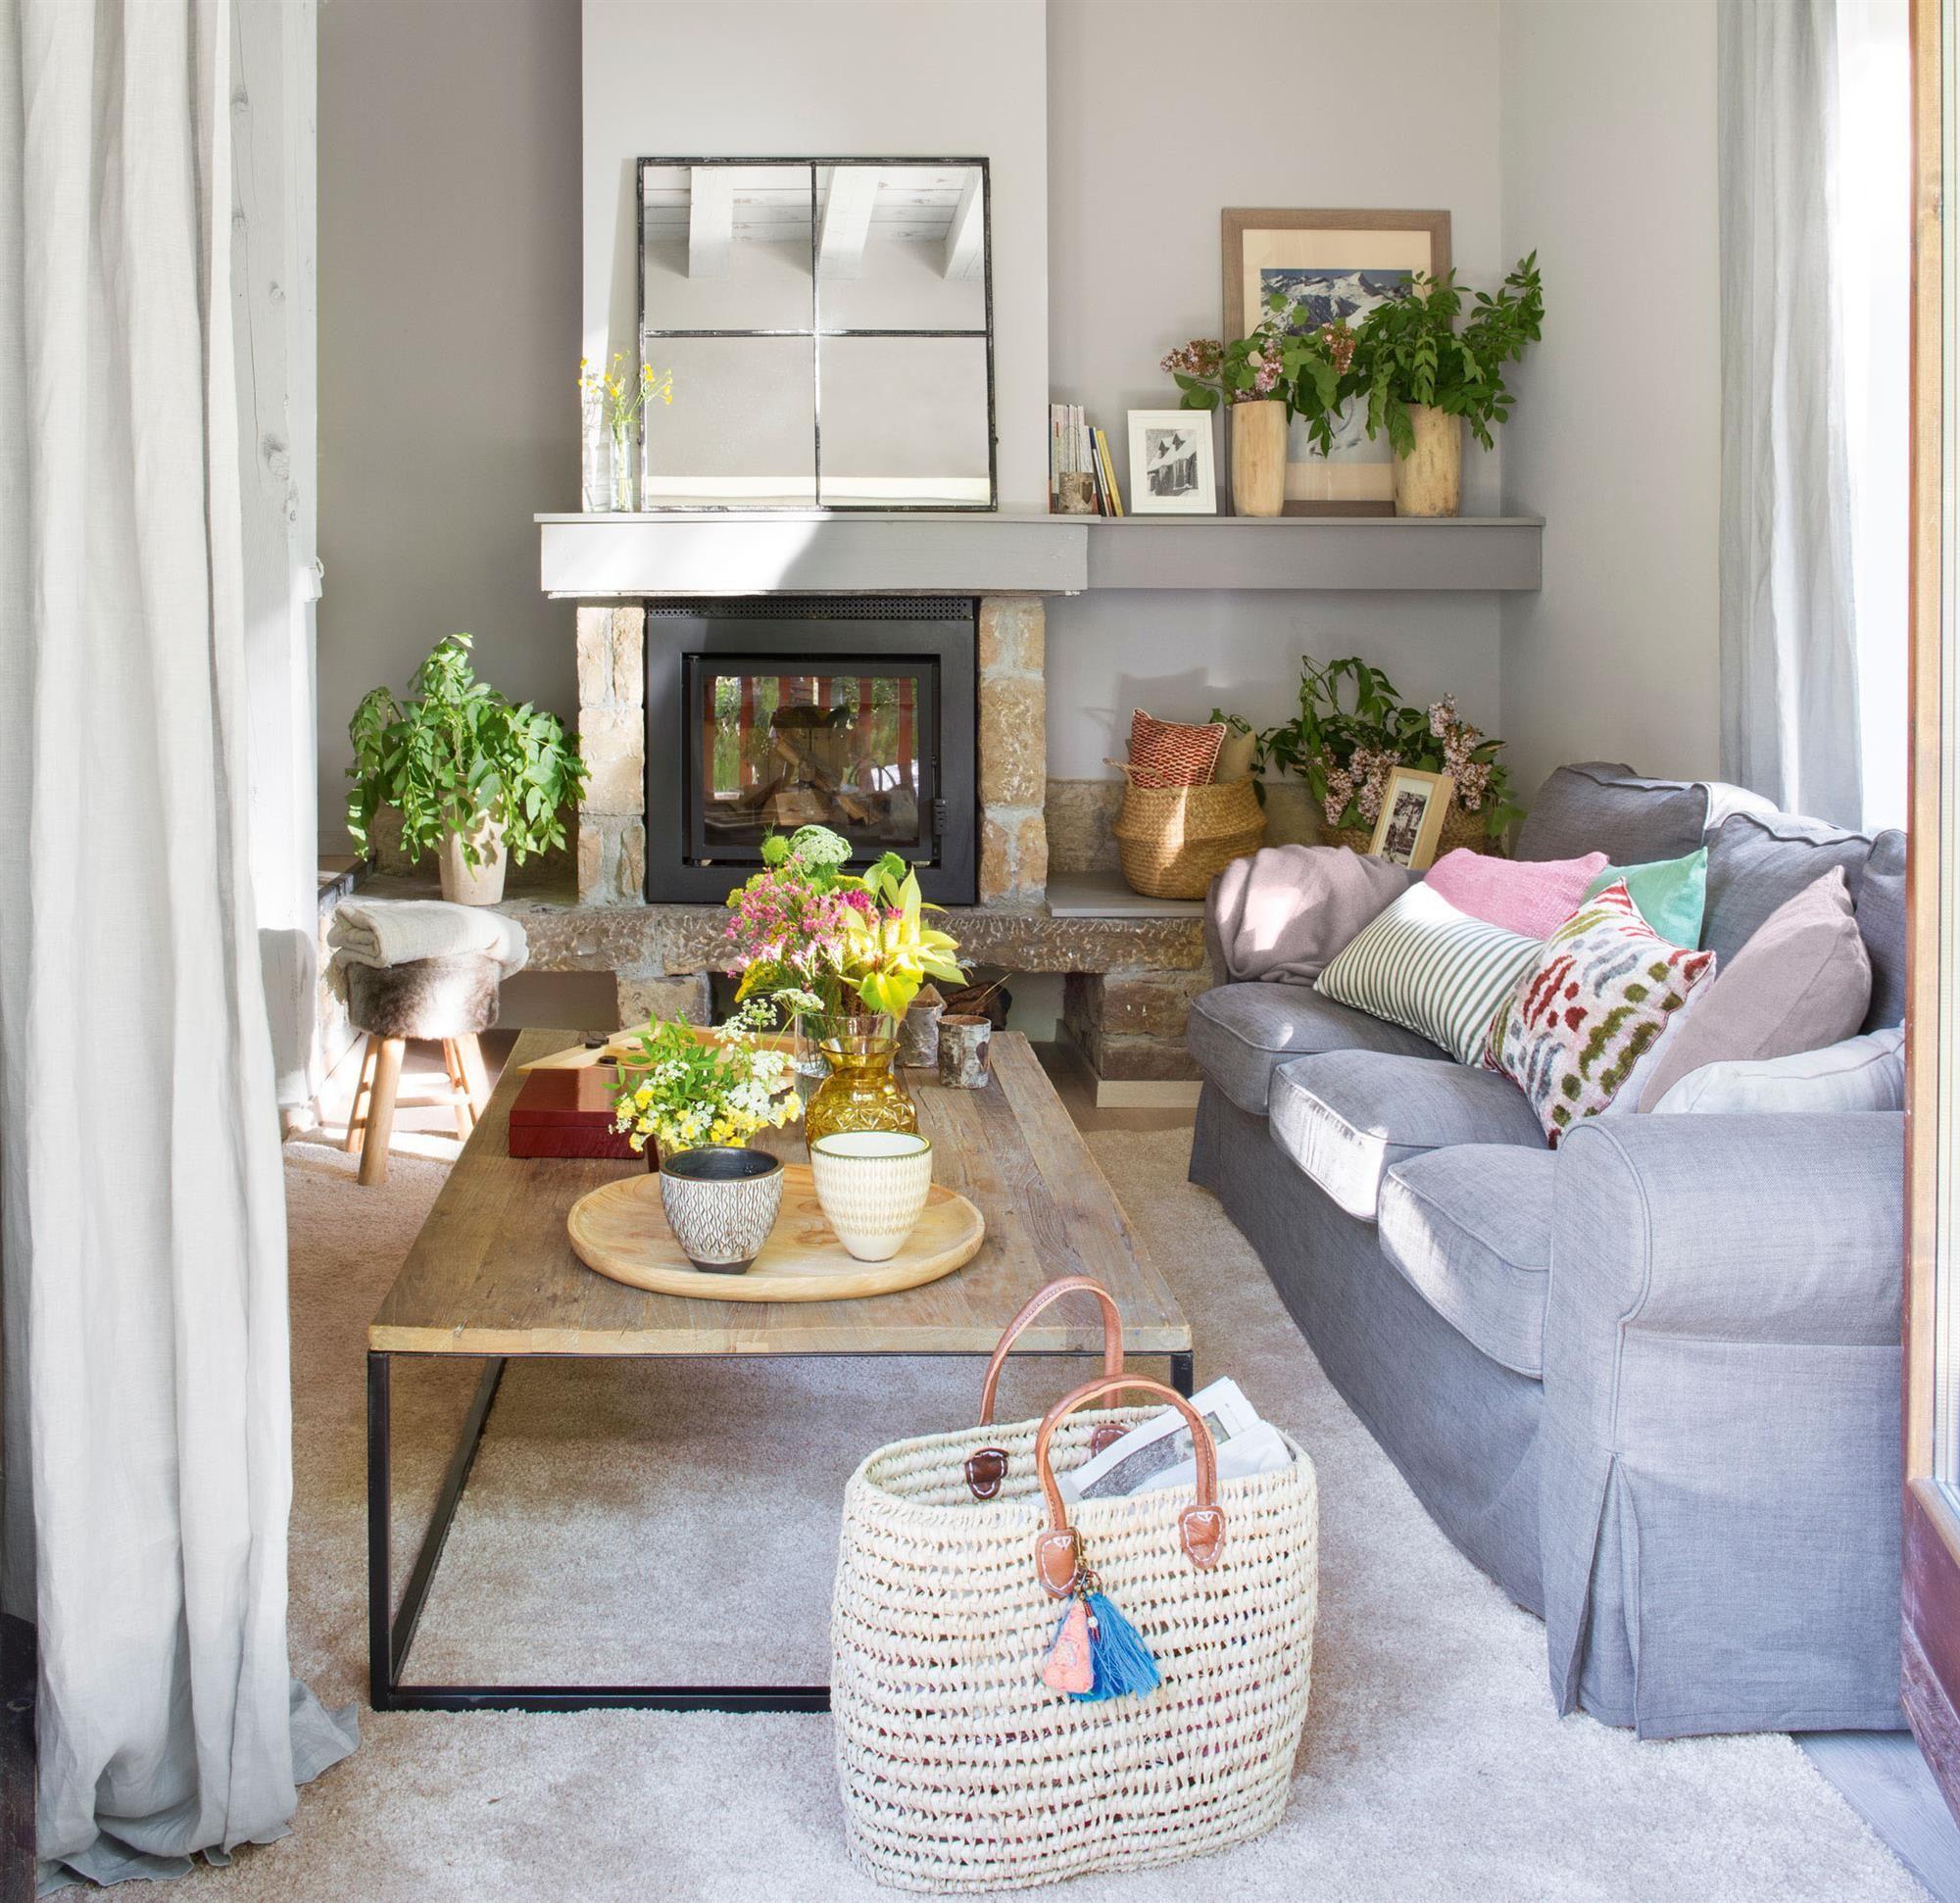 Sal n con sof s grises y chimenea 00436055 home - El mueble salones pequenos ...